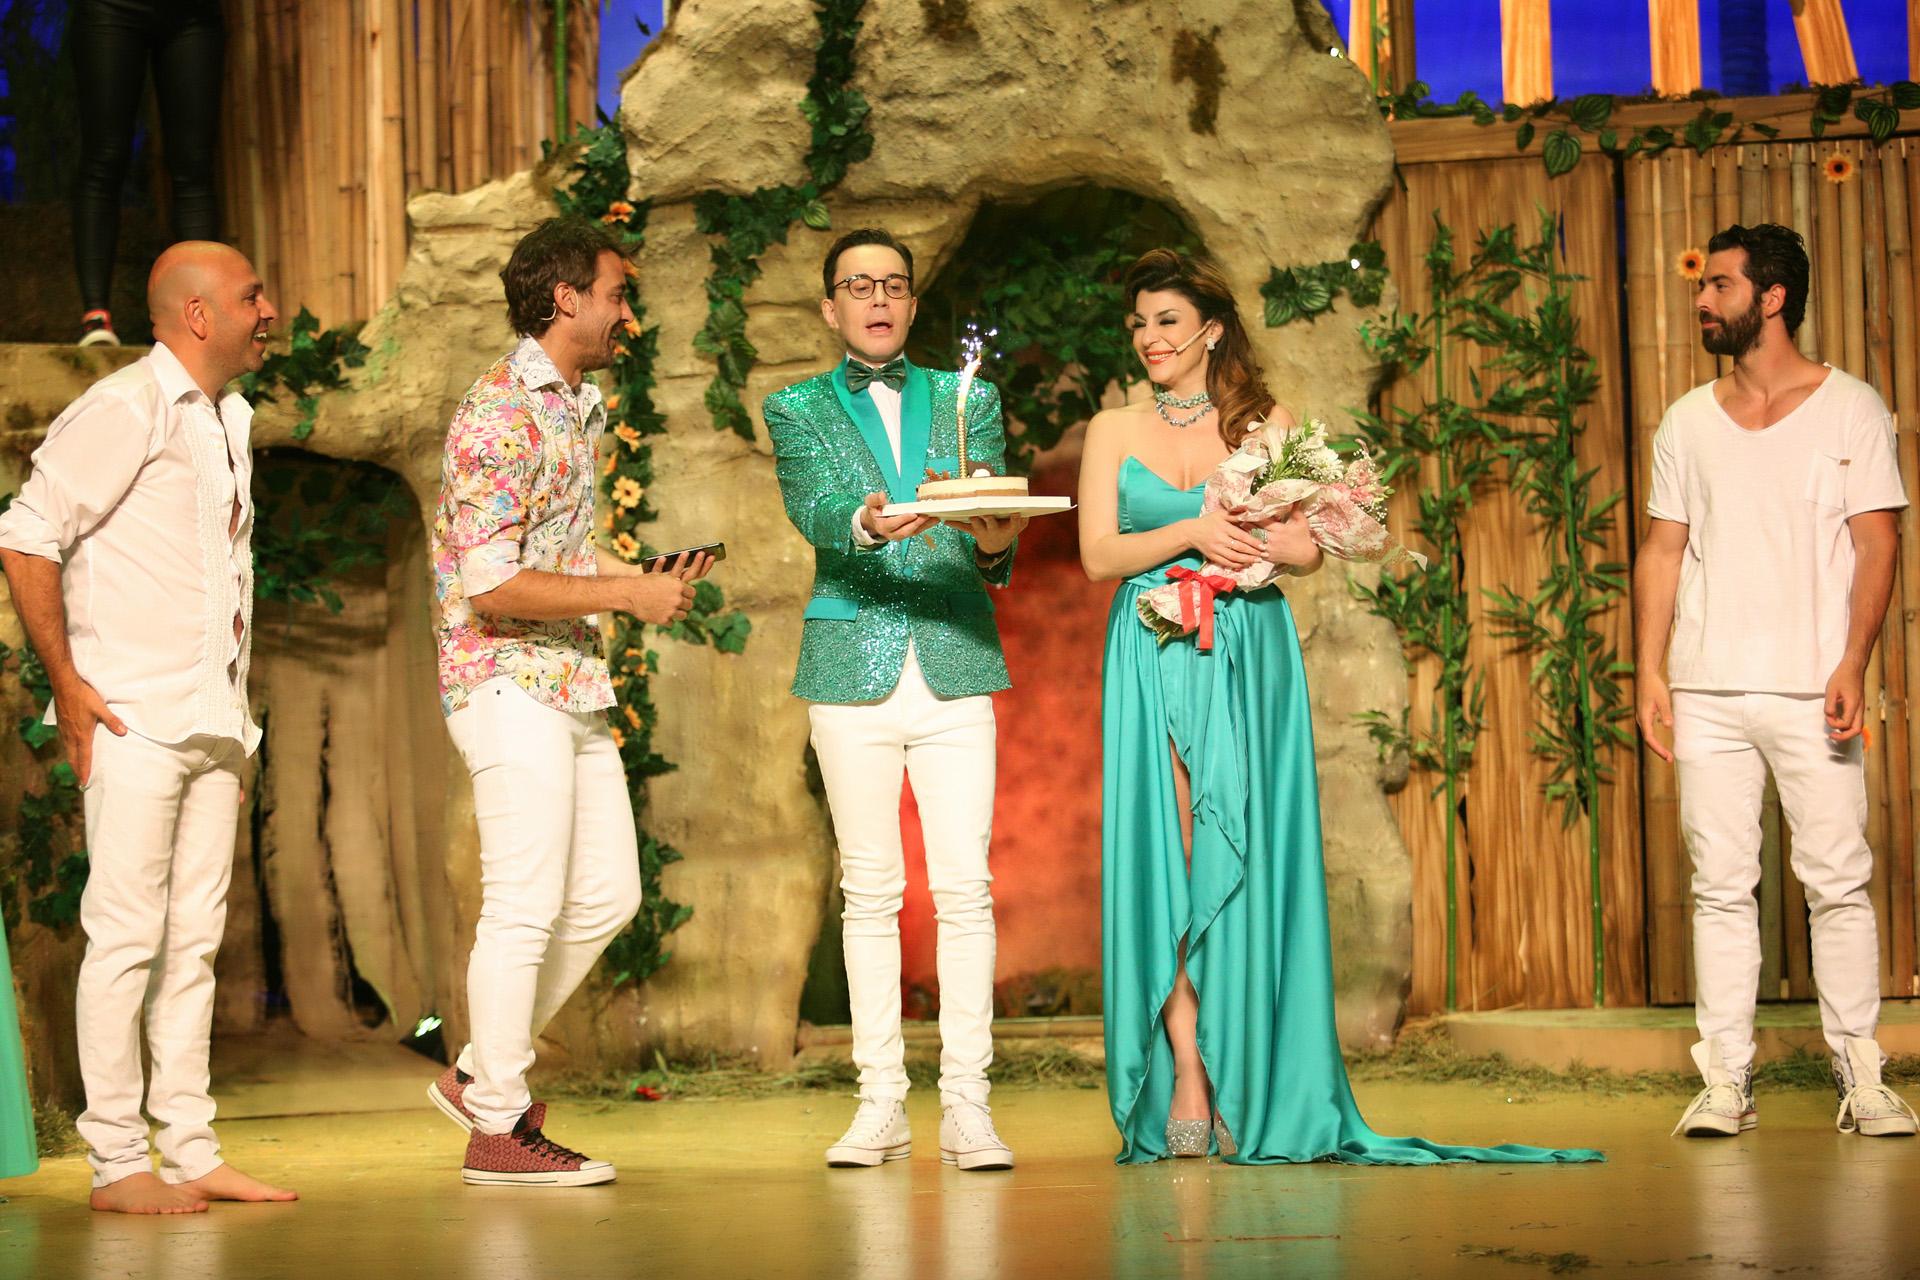 Junto a Nazareno Casero y Fredy Villarreal, también integrantes del elenco